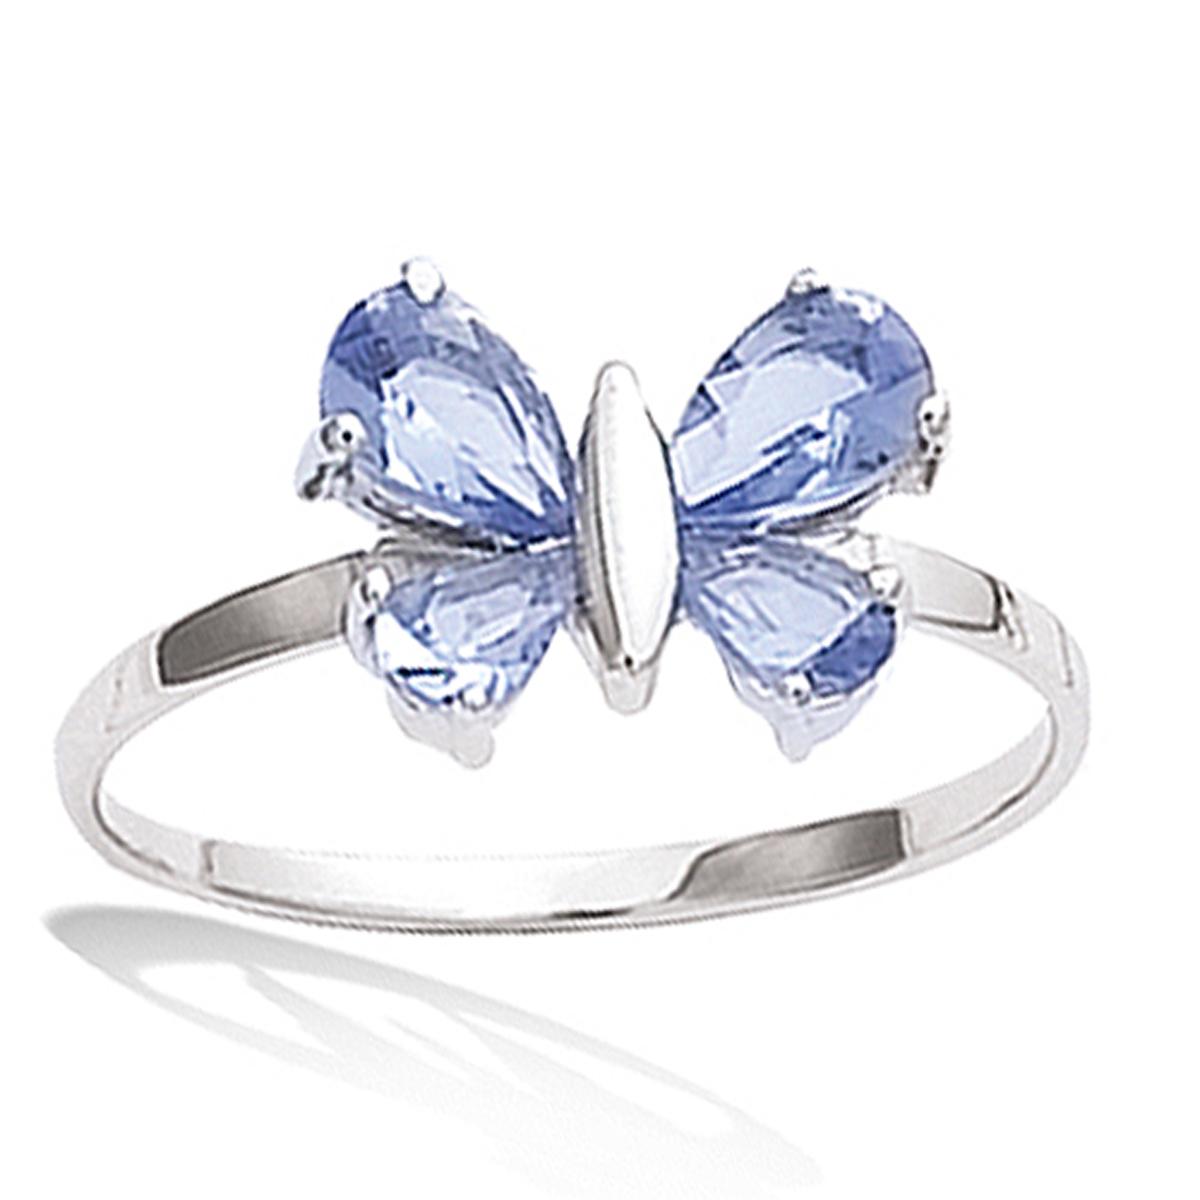 Bague Argent \'Papillon\' bleu tanzanite argenté (rhodié) - 12x8 mm - [K2558]